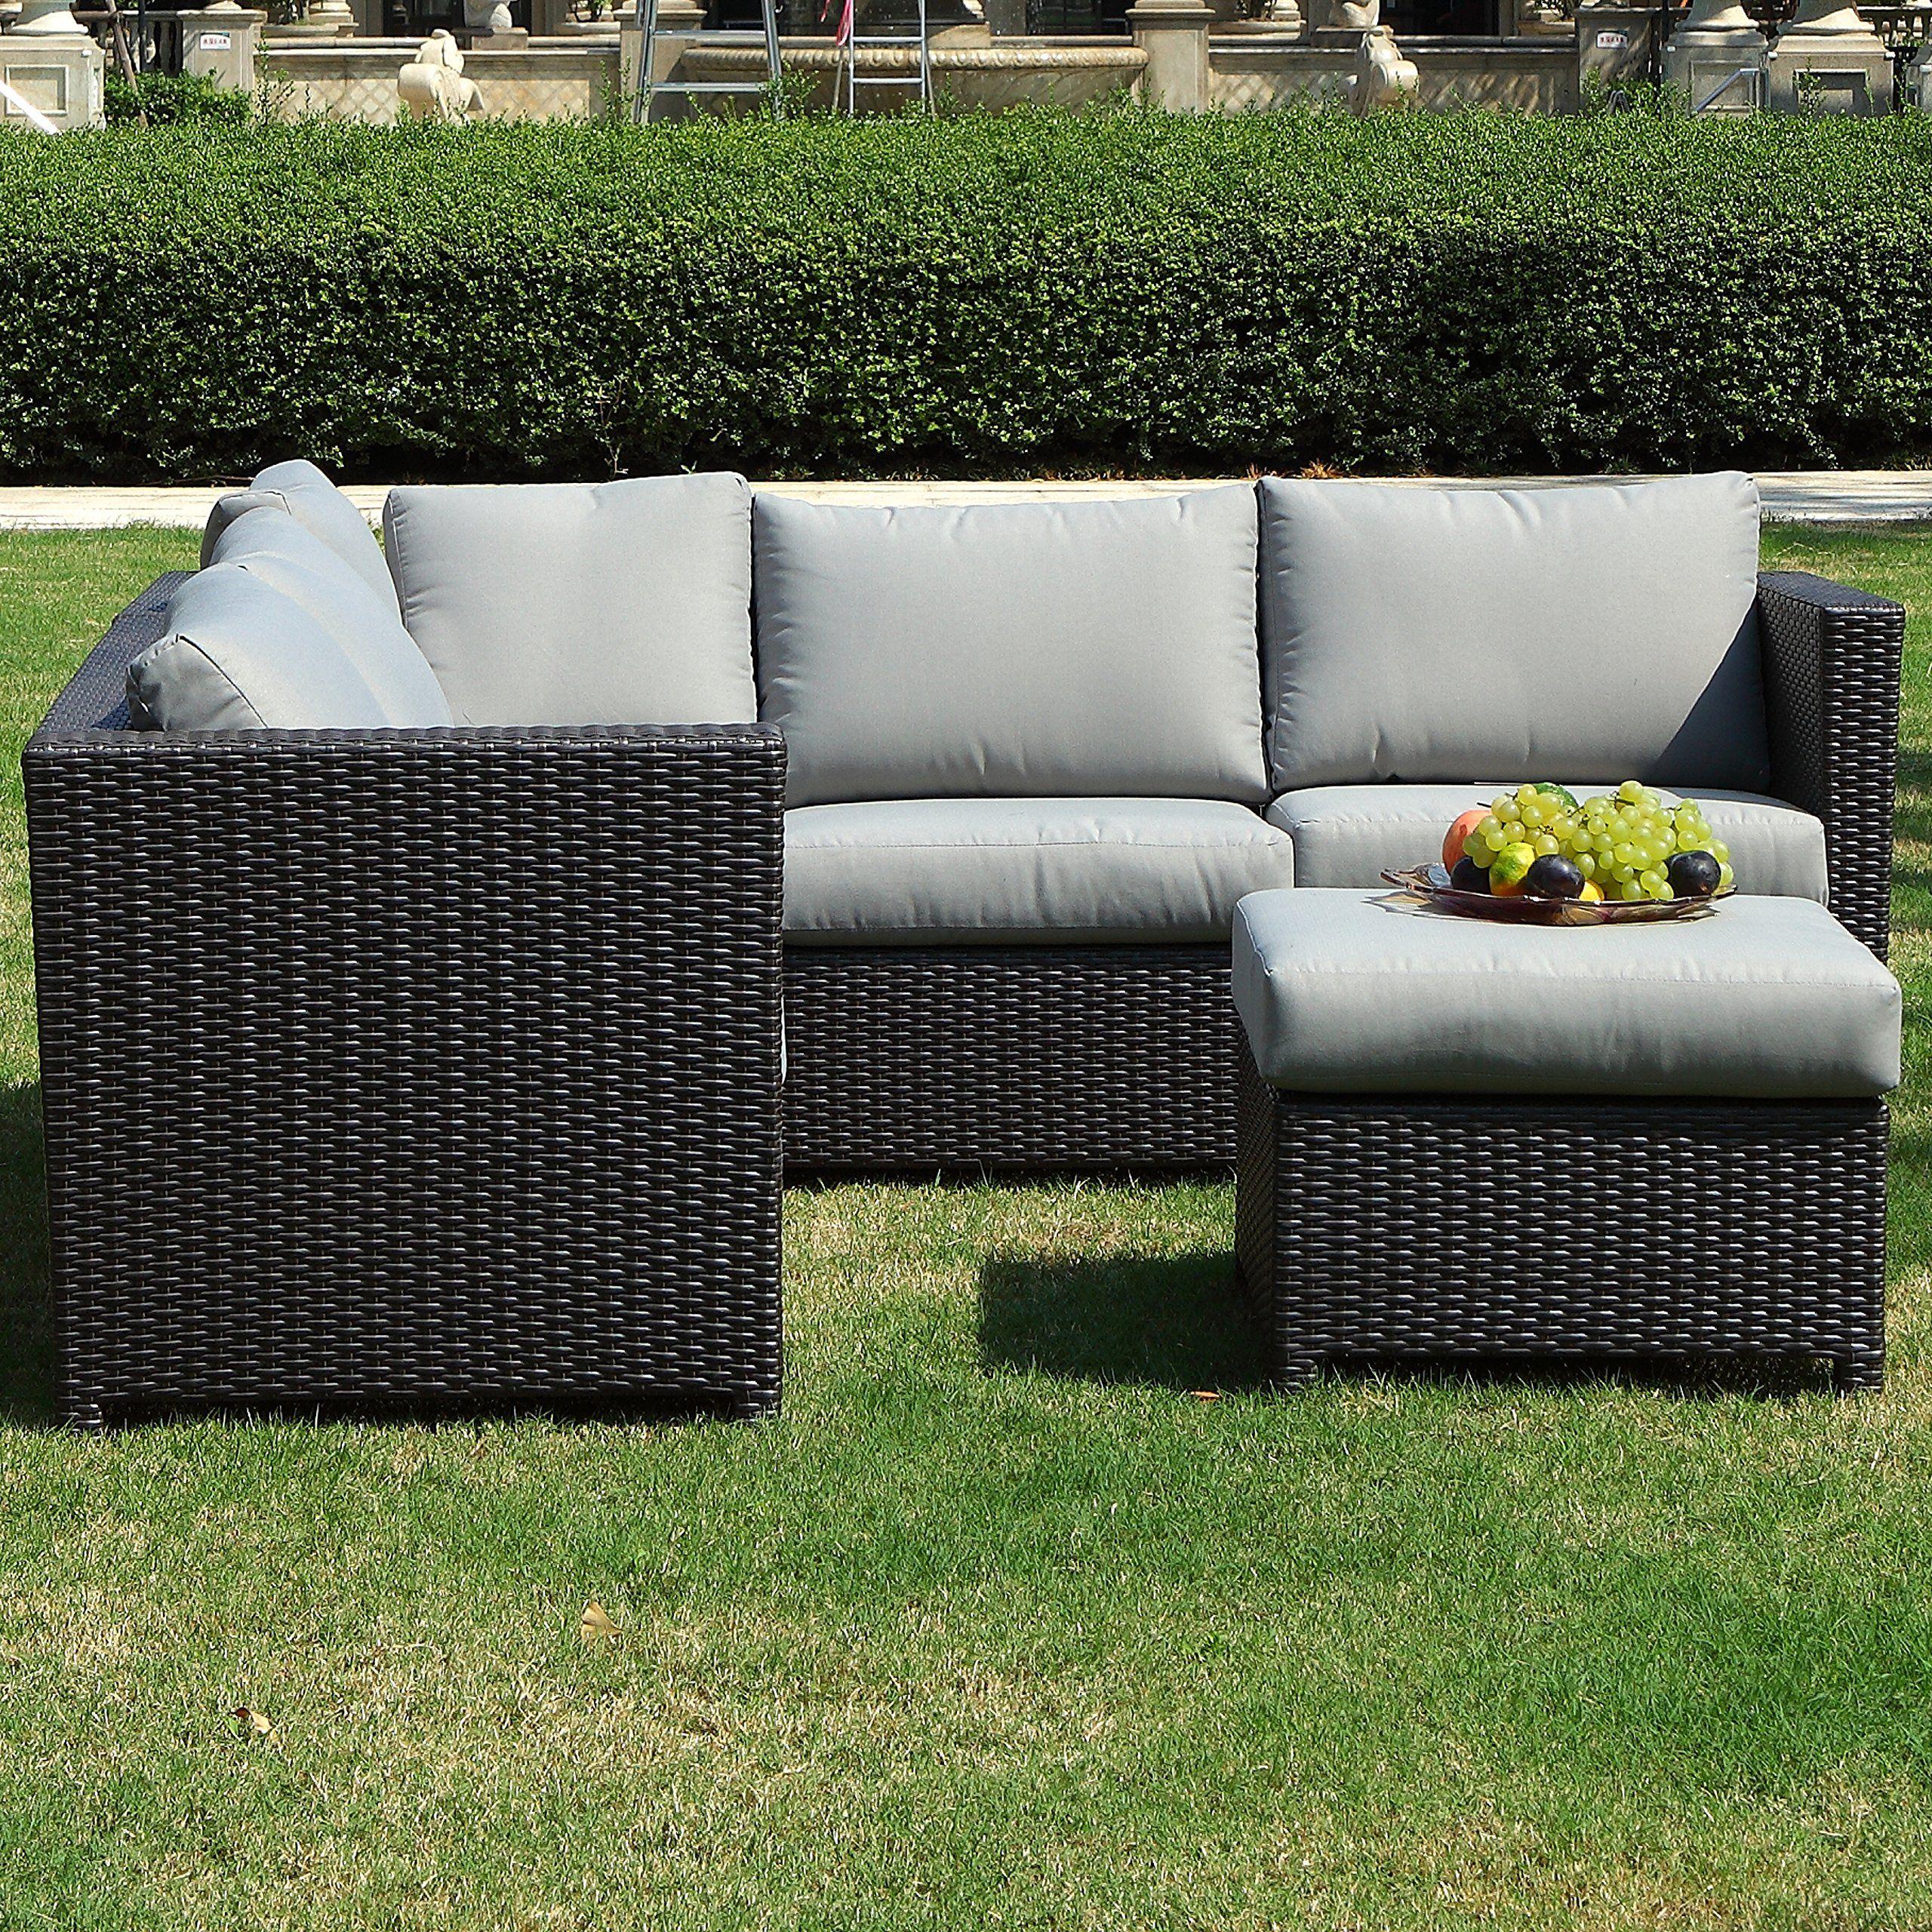 Secortile 3pc Patio Sectional Rattan Sofa Set Outdoor Garden